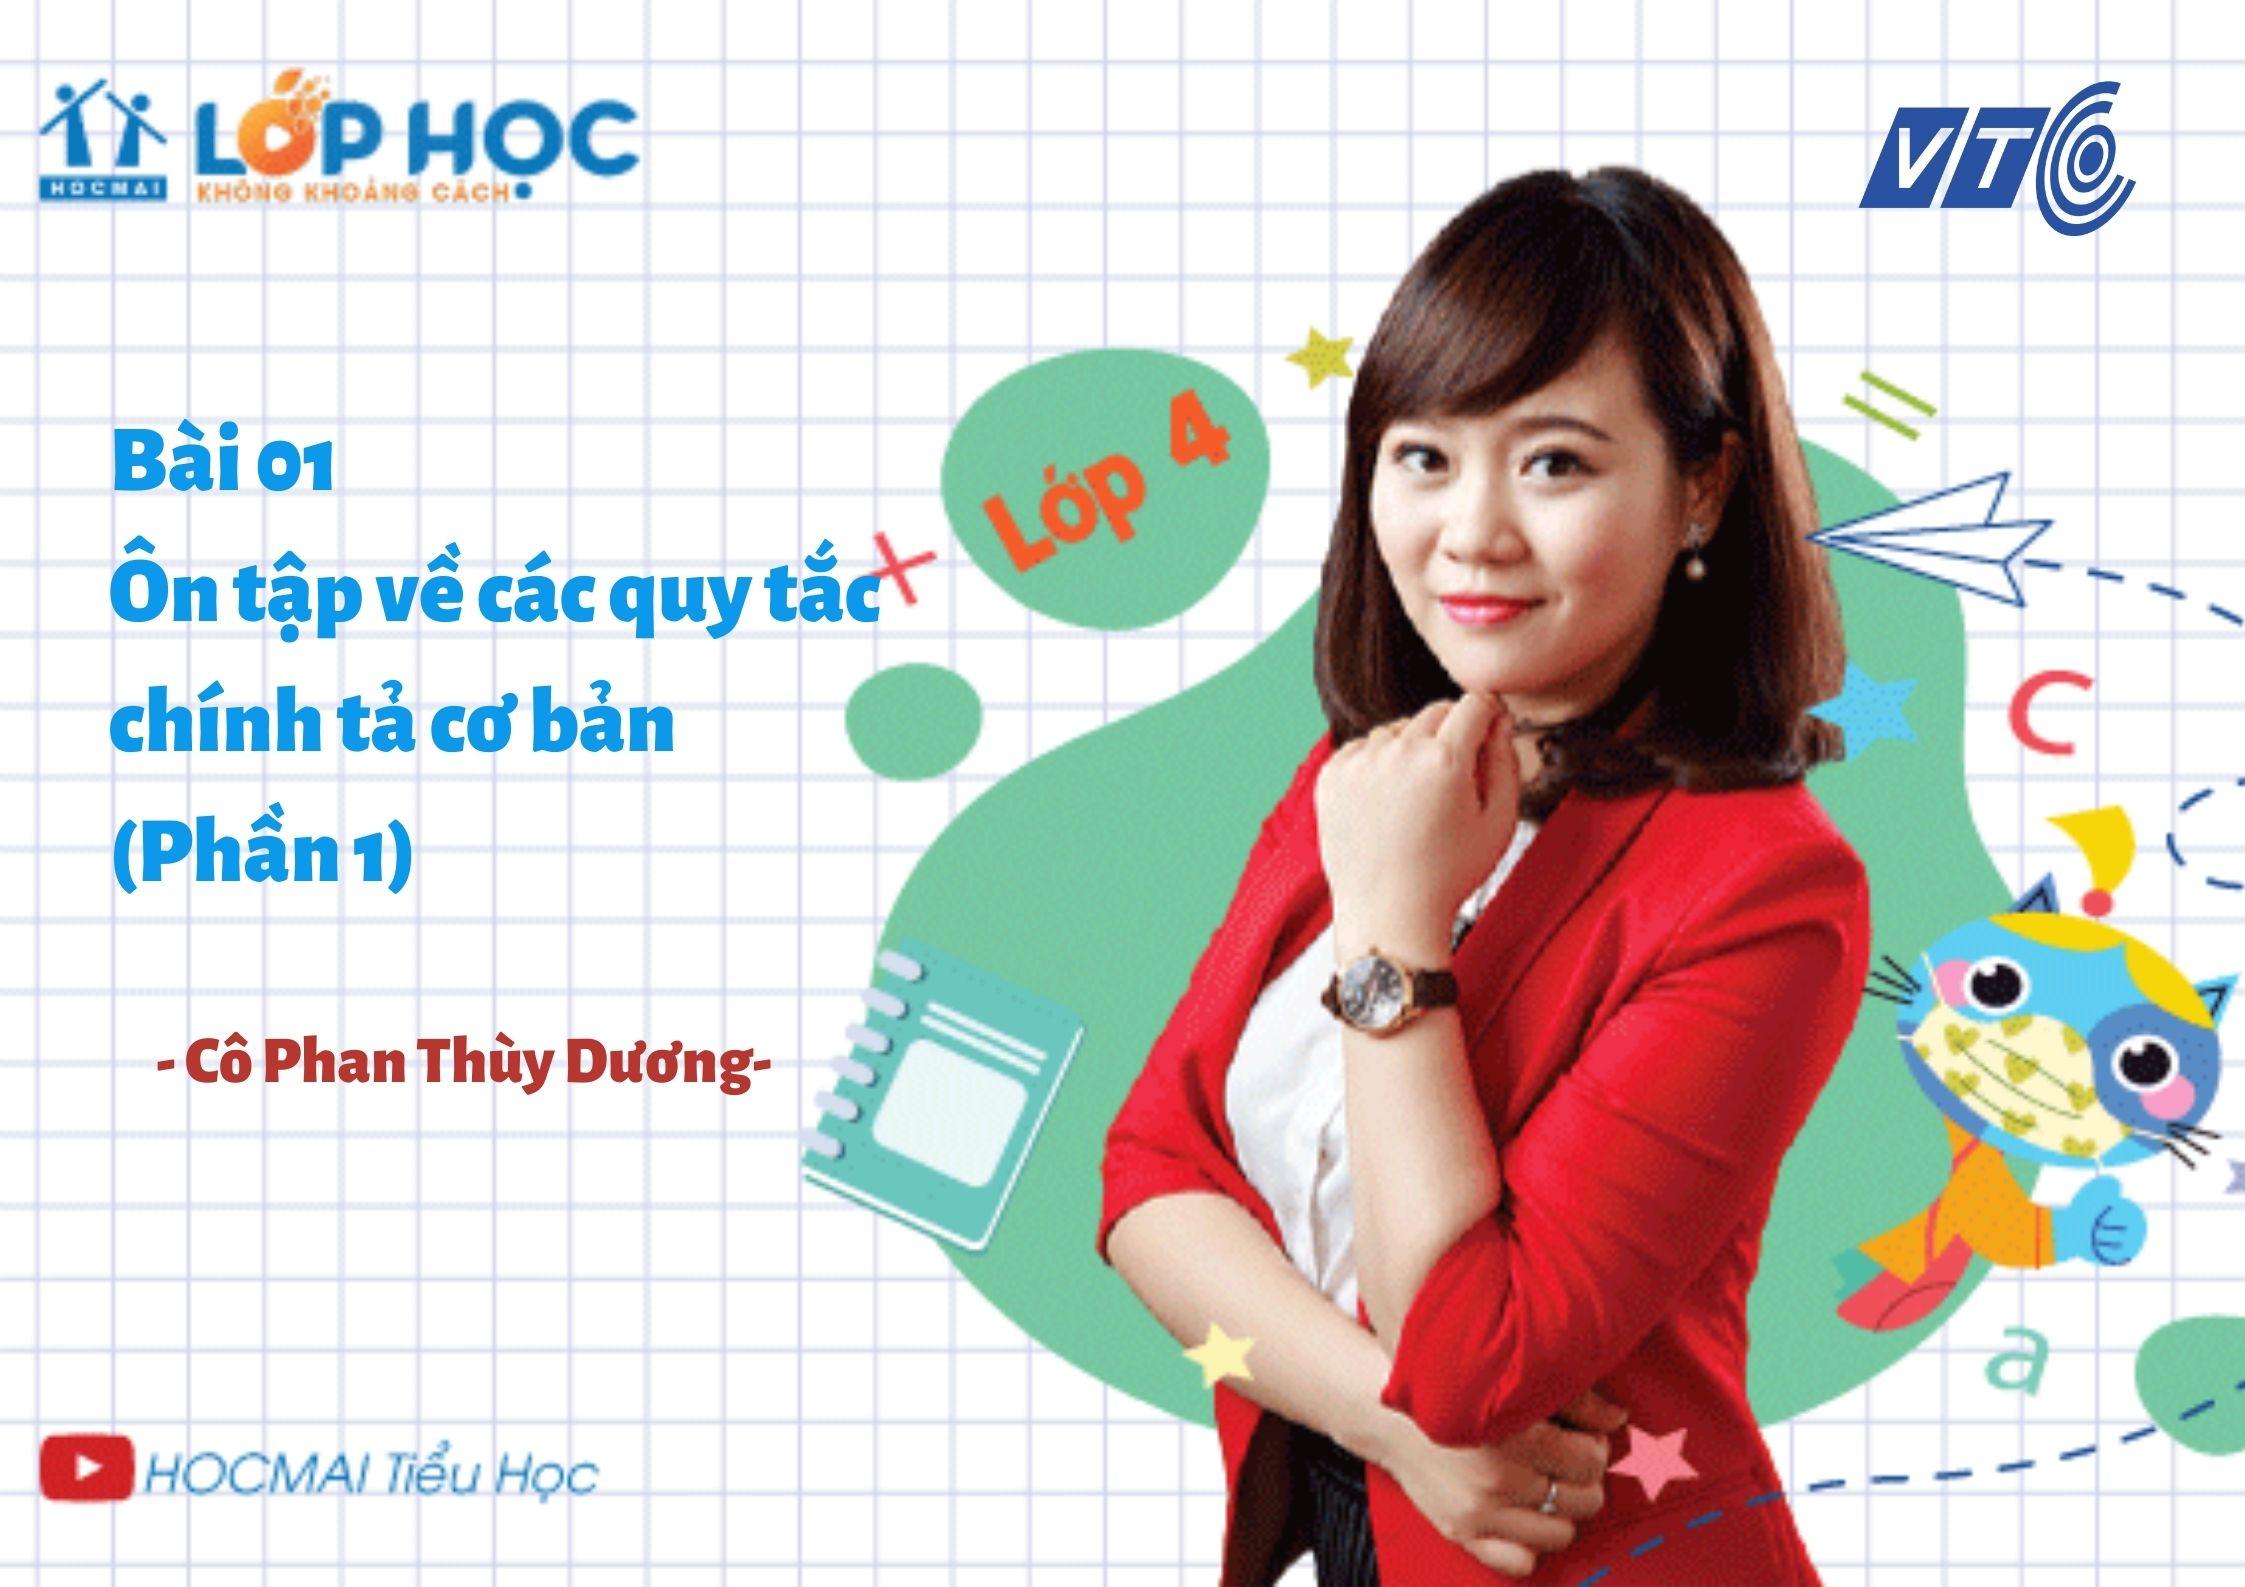 [Lớp học không khoảng cách] Bài 1: Ôn tập về các quy tắc chính tả cơ bản (Phần 1) - Tiếng Việt lớp 4